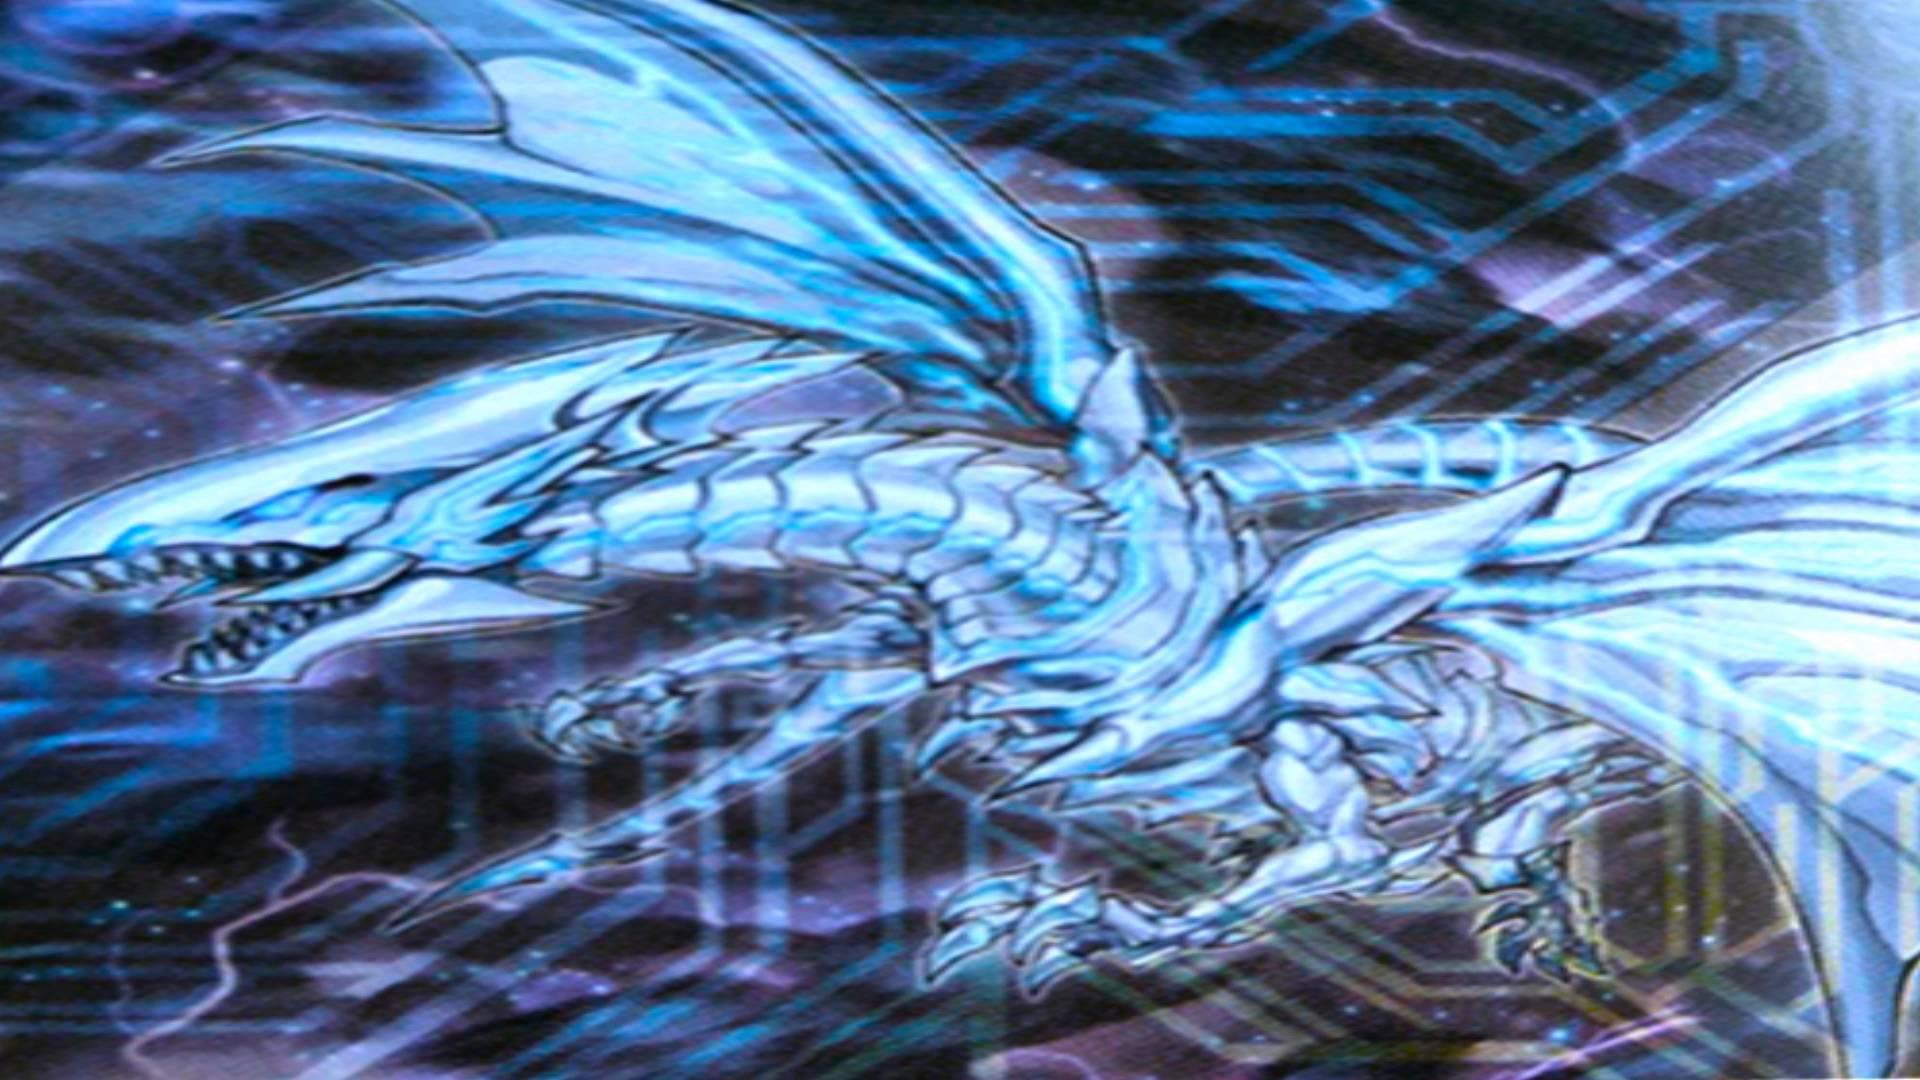 Hd White Dragon Wallpaper